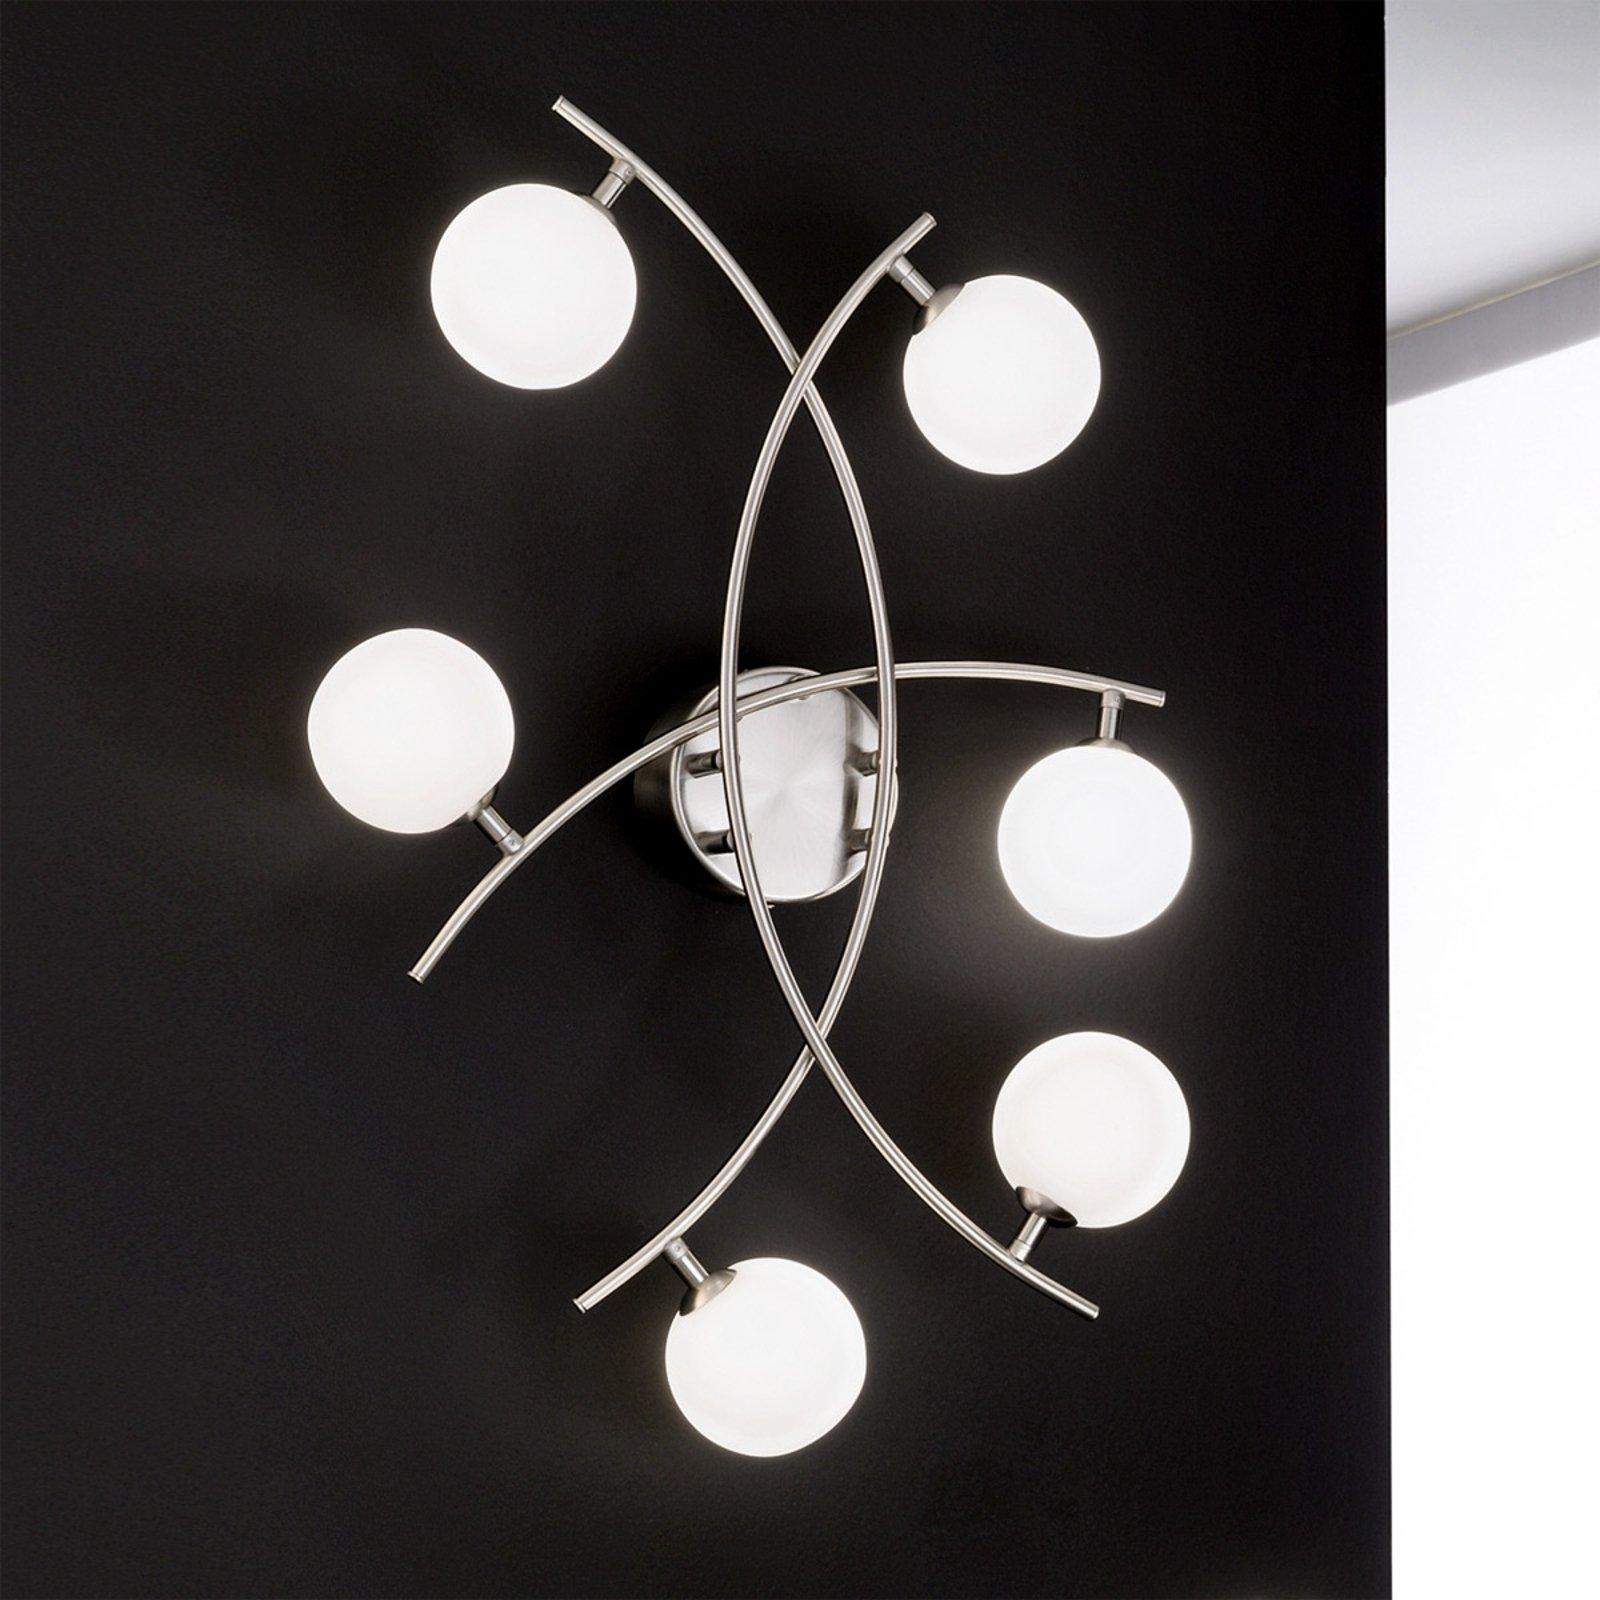 Særegen Pelota taklampe med 6 lys